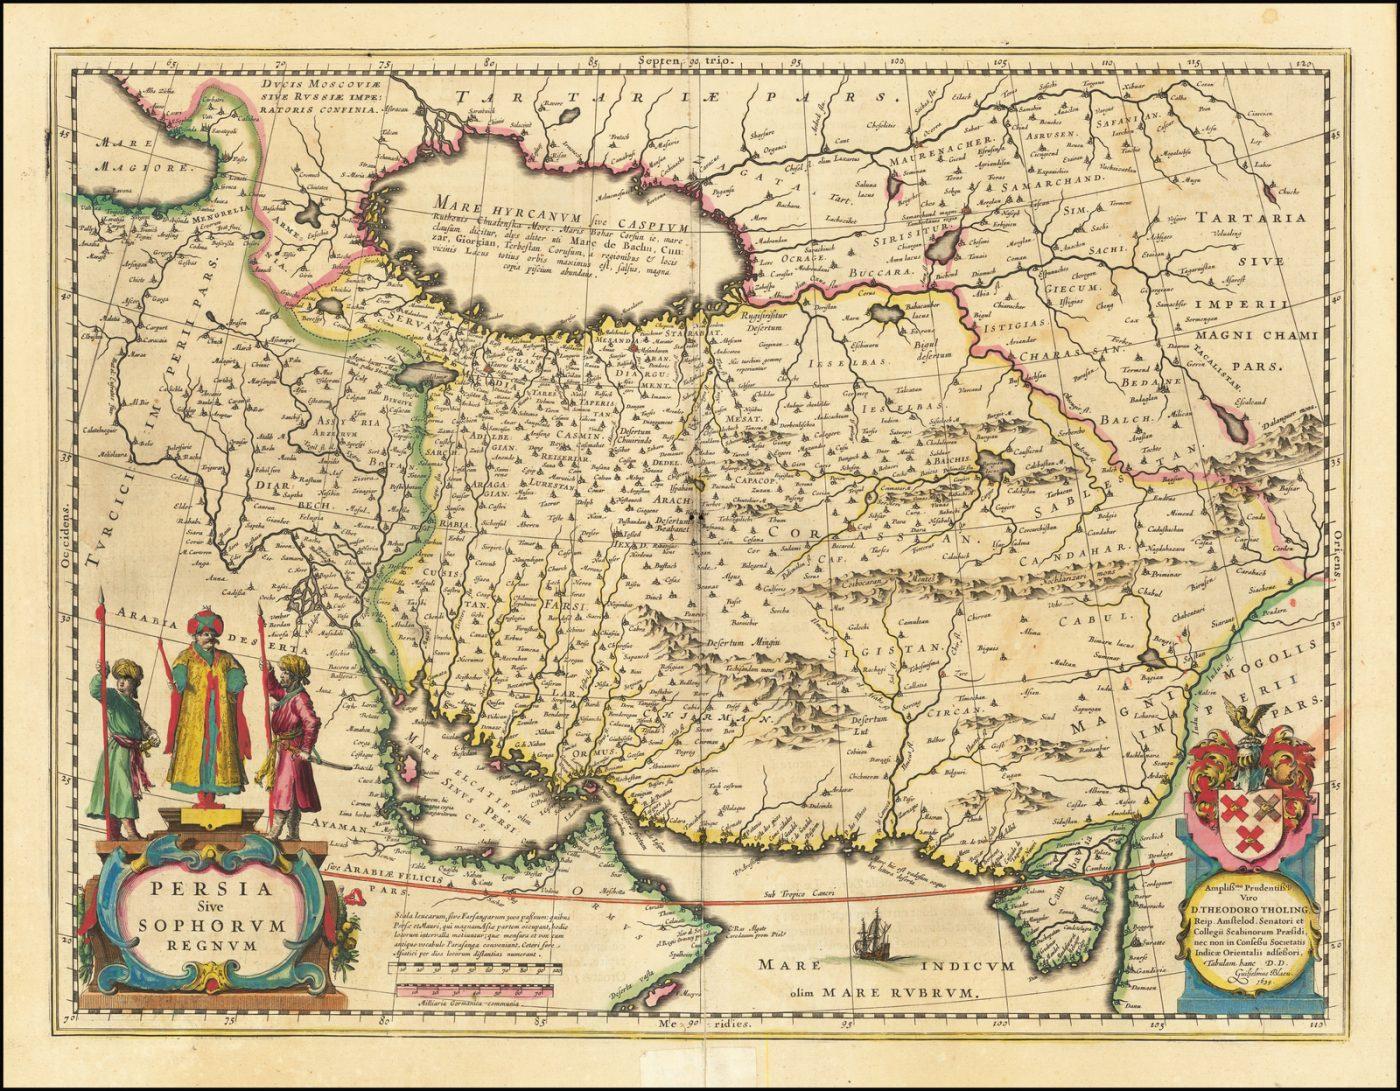 Карта Персии из золотого века голландской картографии